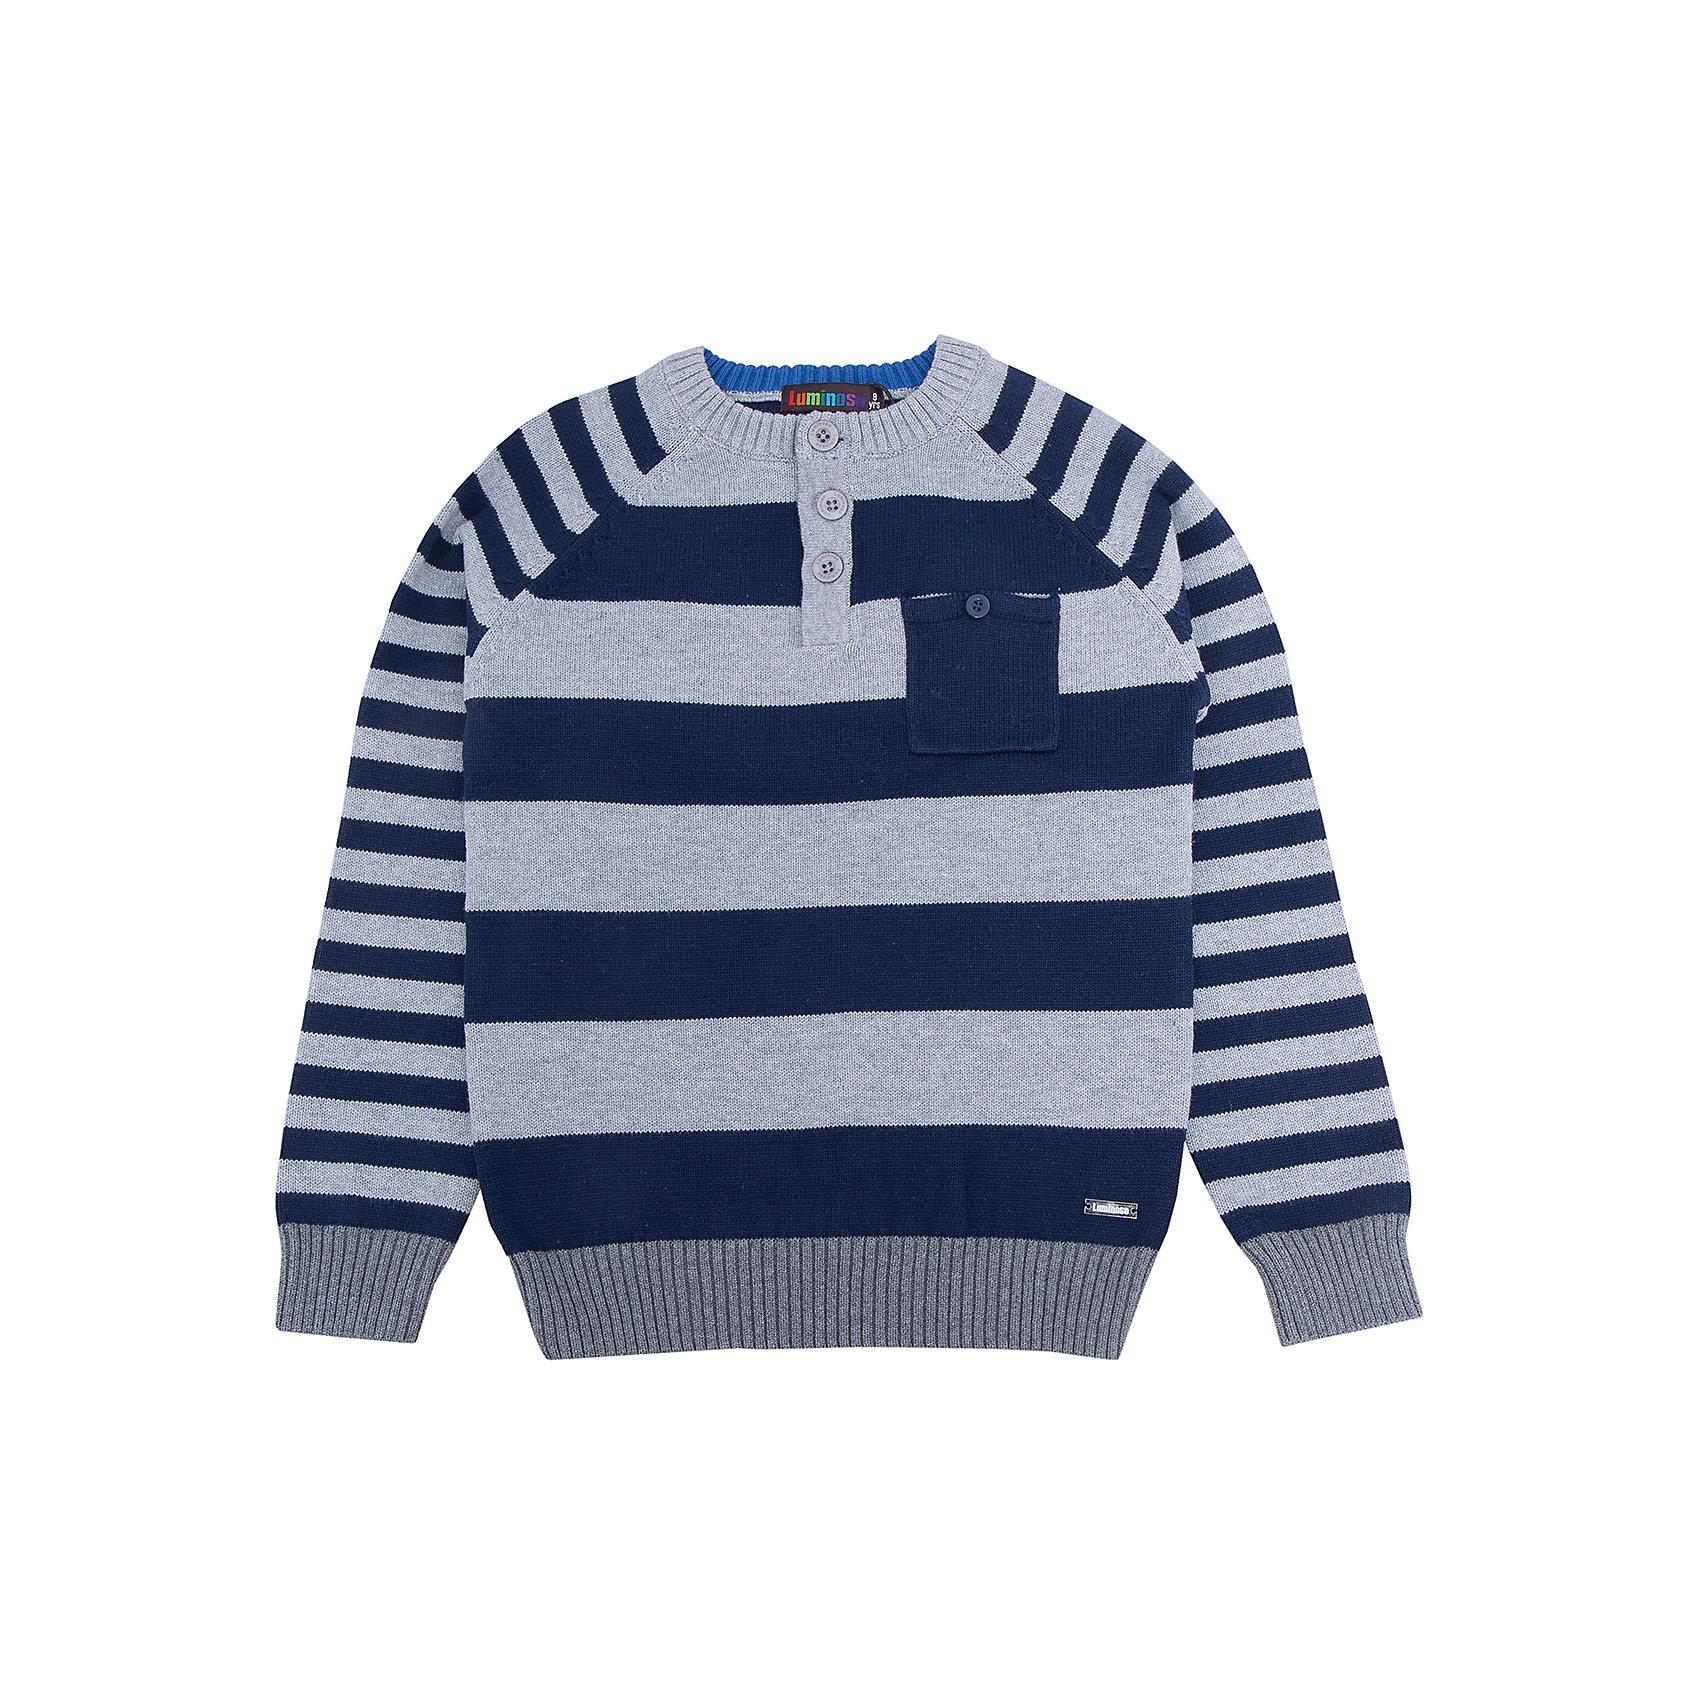 Свитер для мальчика LuminosoХарактеристики товара:<br><br>- цвет: серый;<br>- материал: 100% хлопок;<br>- застежка поло;<br>- резинка по низу и на рукавах;<br>- длинный рукав;<br>- в полоску;<br>- рукава реглан.<br><br>Стильная одежда от бренда Luminoso (Люминосо), созданная при участии итальянских дизайнеров, учитывает потребности подростков и последние веяния моды. Она удобная и модная.<br>Этот стильный свитер идеален для прохладной погоды. Он хорошо сидит на ребенке, обеспечивает комфорт и отлично сочетается с одежной разных стилей. Модель отличается высоким качеством материала и продуманным дизайном.<br><br>Свитер для мальчика от бренда Luminoso (Люминосо) можно купить в нашем интернет-магазине.<br><br>Ширина мм: 190<br>Глубина мм: 74<br>Высота мм: 229<br>Вес г: 236<br>Цвет: серый<br>Возраст от месяцев: 96<br>Возраст до месяцев: 108<br>Пол: Мужской<br>Возраст: Детский<br>Размер: 134,164,140,146,152,158<br>SKU: 4930823